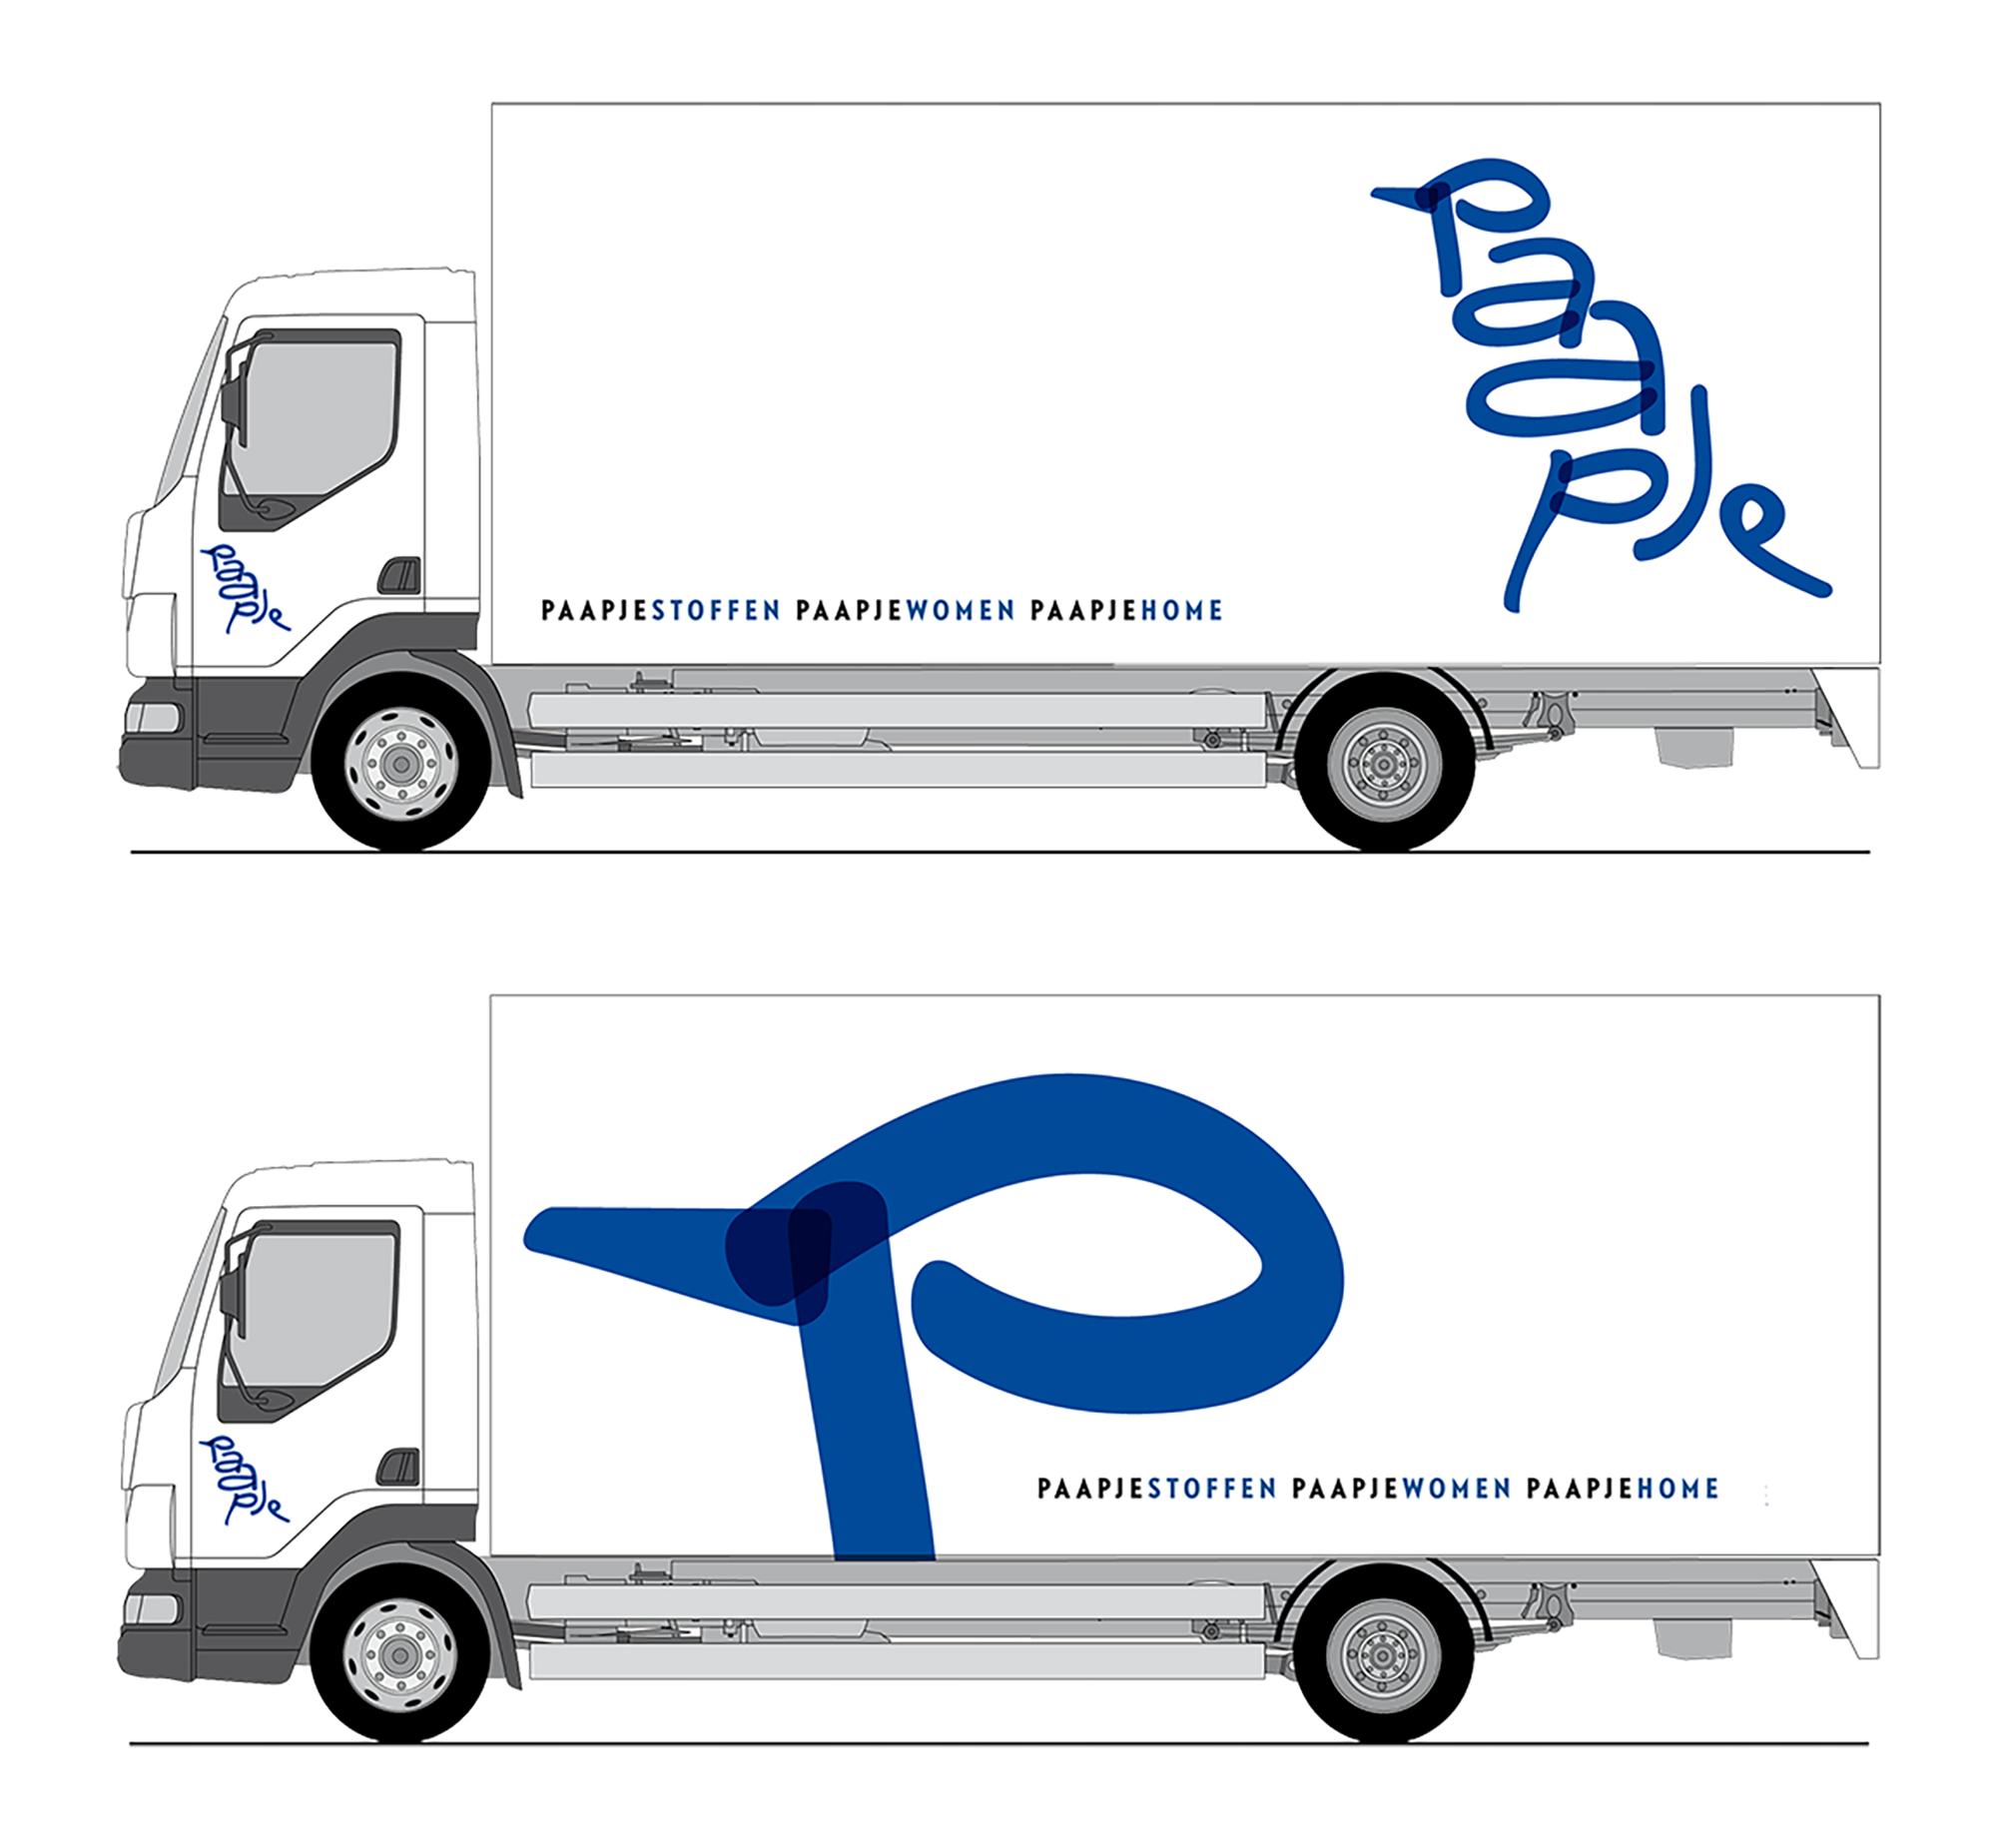 Paapje vrachtwagen (er moet altijd wat te wensen blijven)